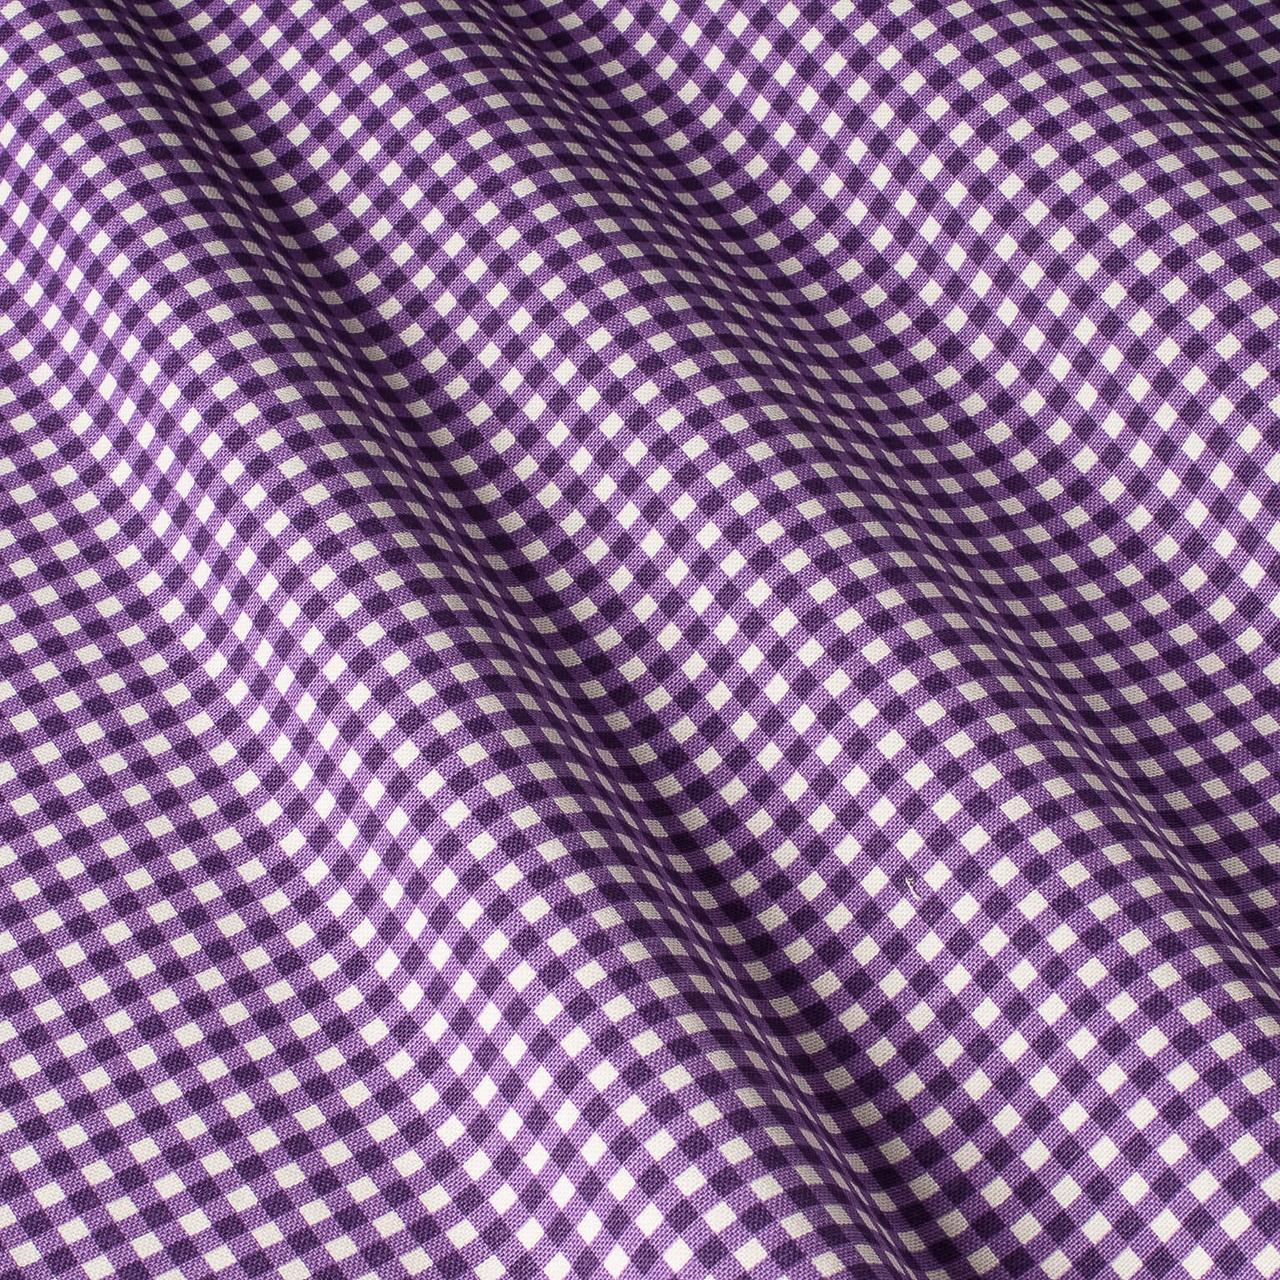 Ткань для штор и скатертей Teflon 022549v17